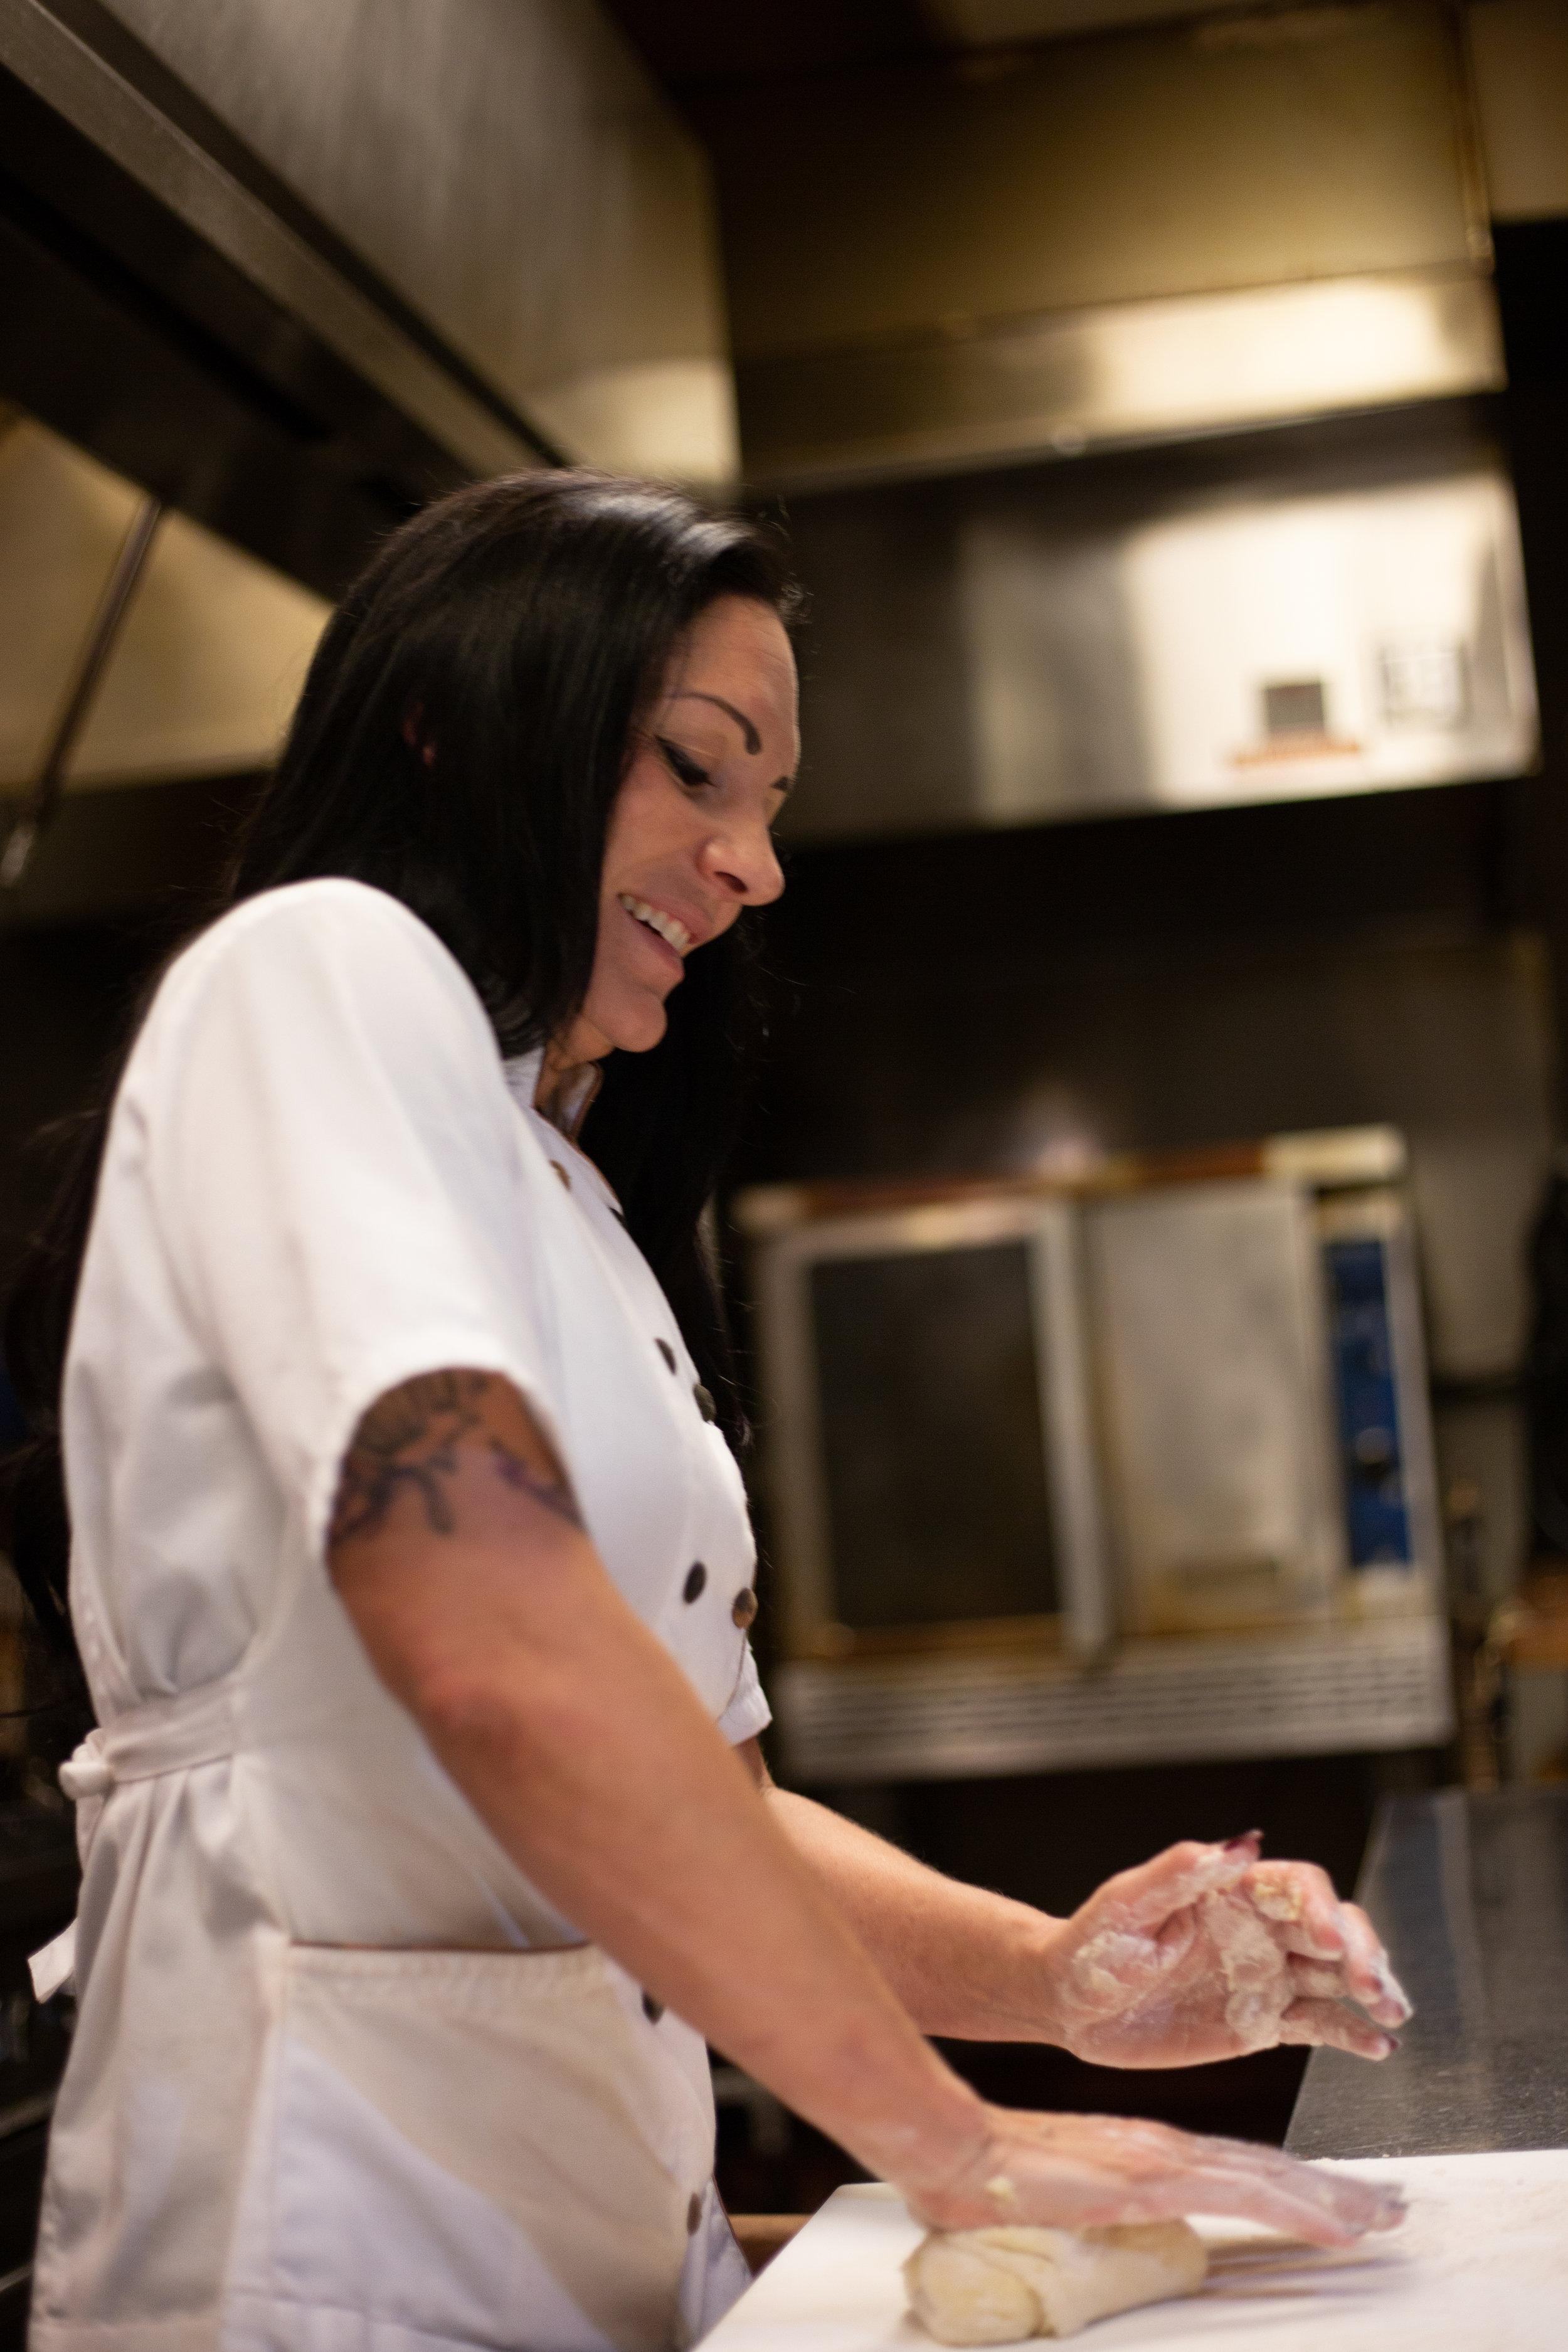 Chef_Emma_Emanuela_Calcara_eBella_Palladio_Nicole_nixon-11-of-50.jpg